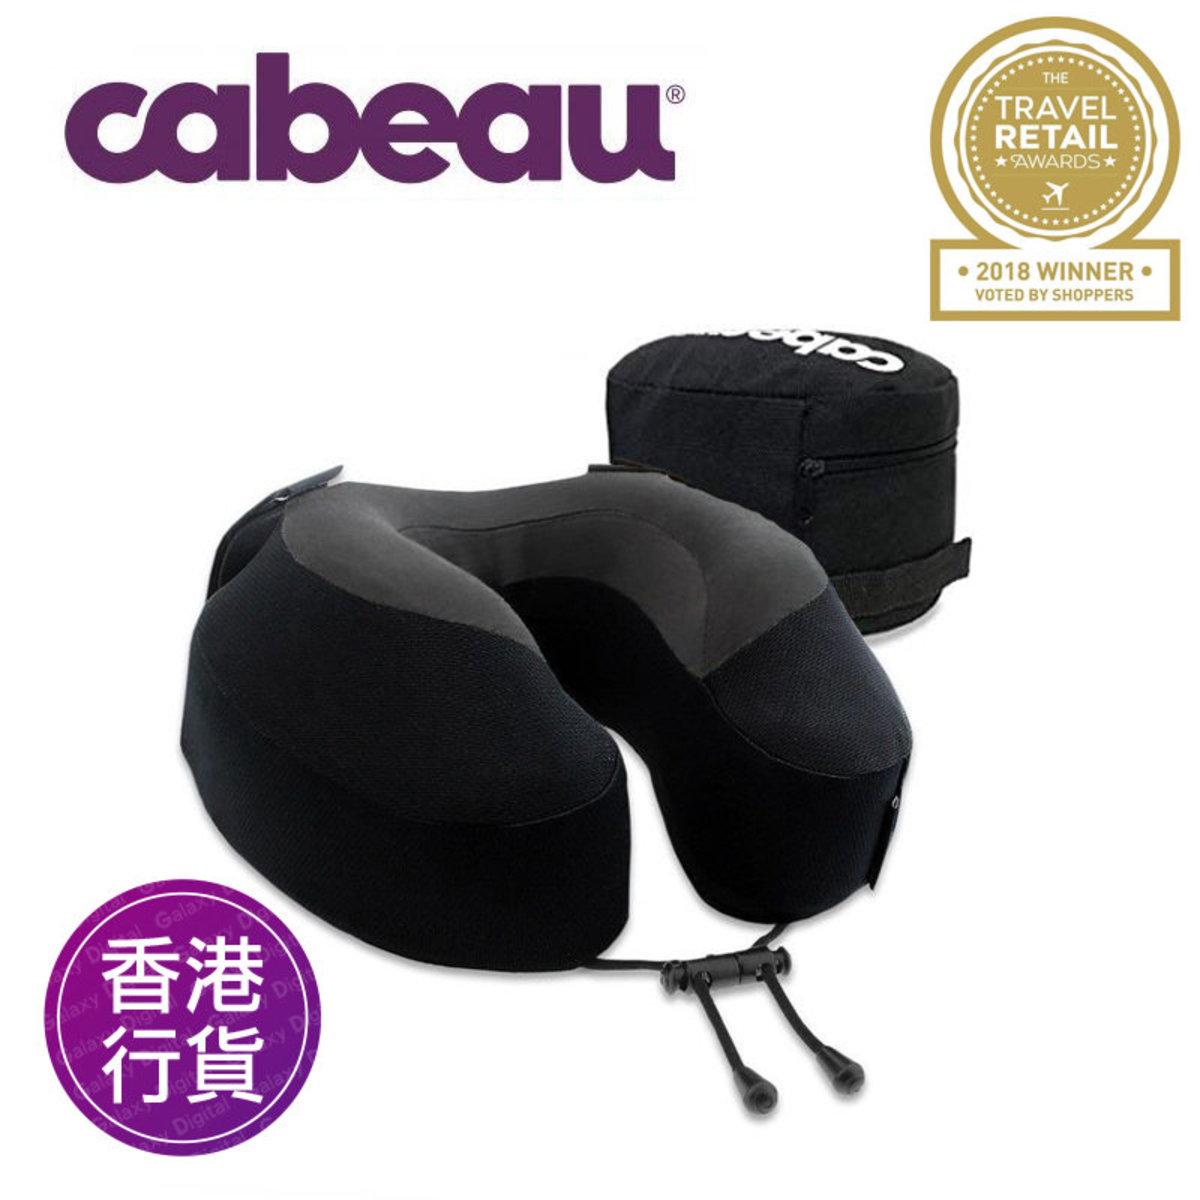 香港行貨 Evolution S3 旅行用記憶棉頸枕 黑色